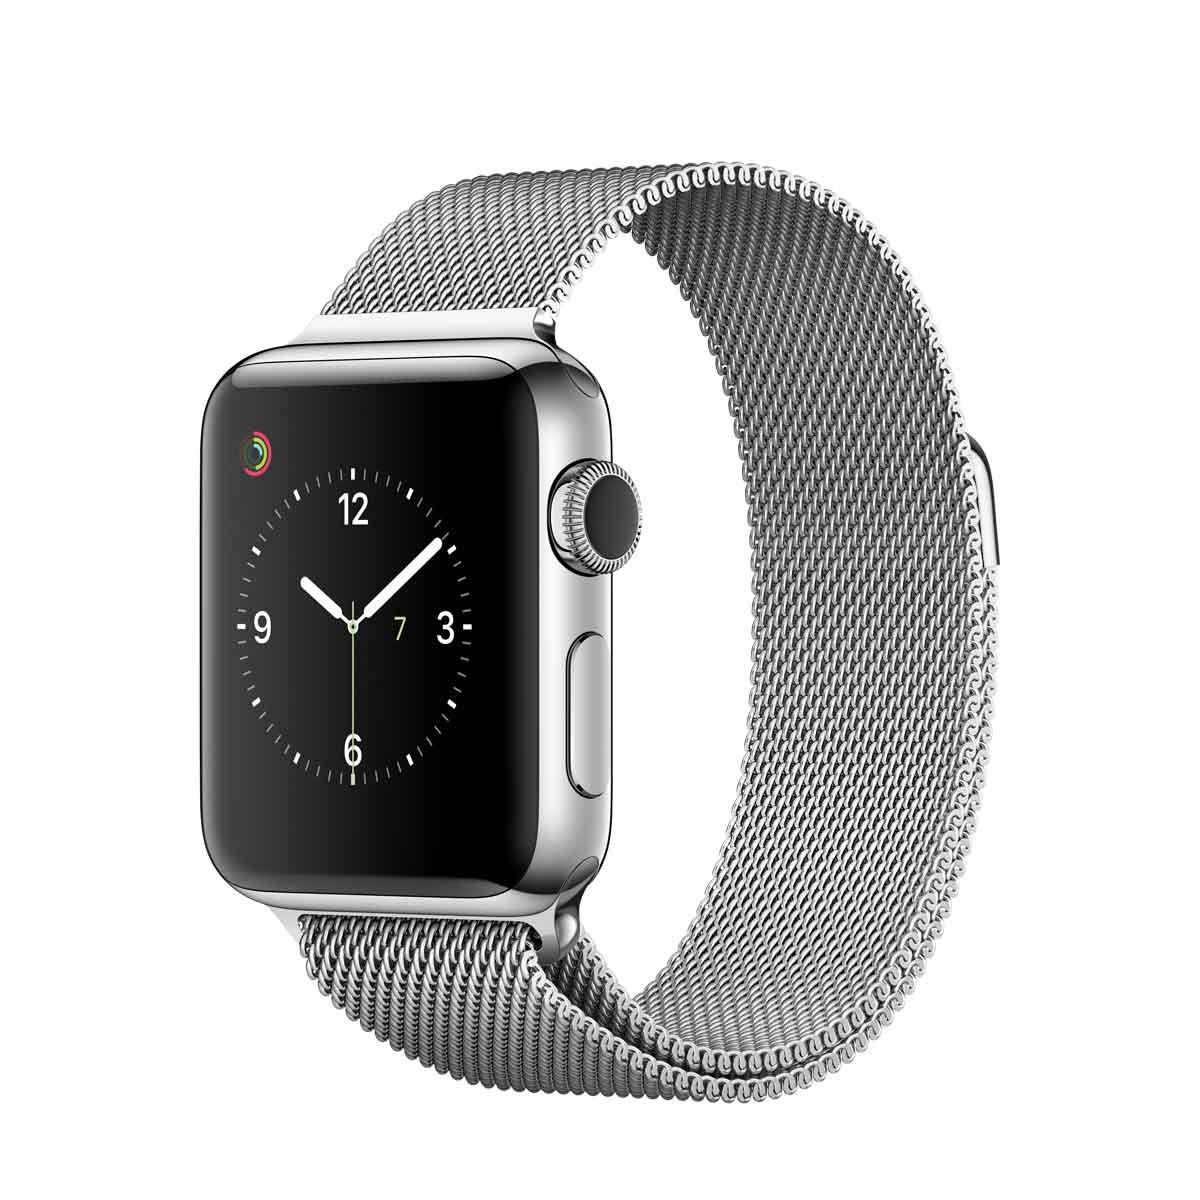 Apple Watch Series 2 - 38mm Stainless Steel Case sa Silver Milanese Loop